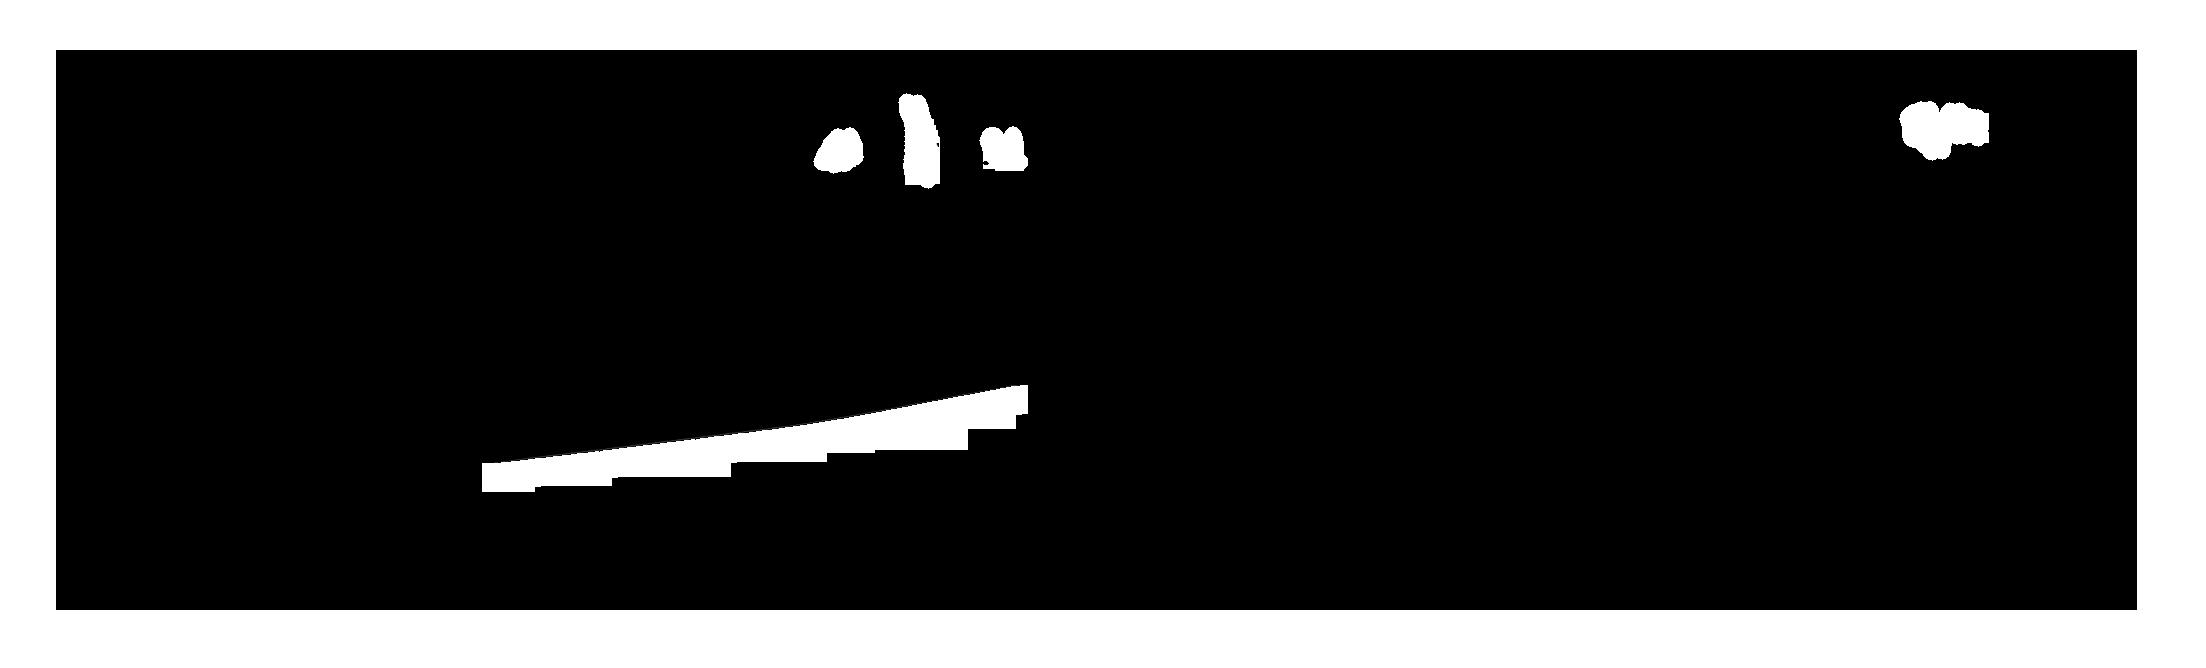 Bbcf7a03-5c2d-4c30-a78d-0712f2d5ce5f